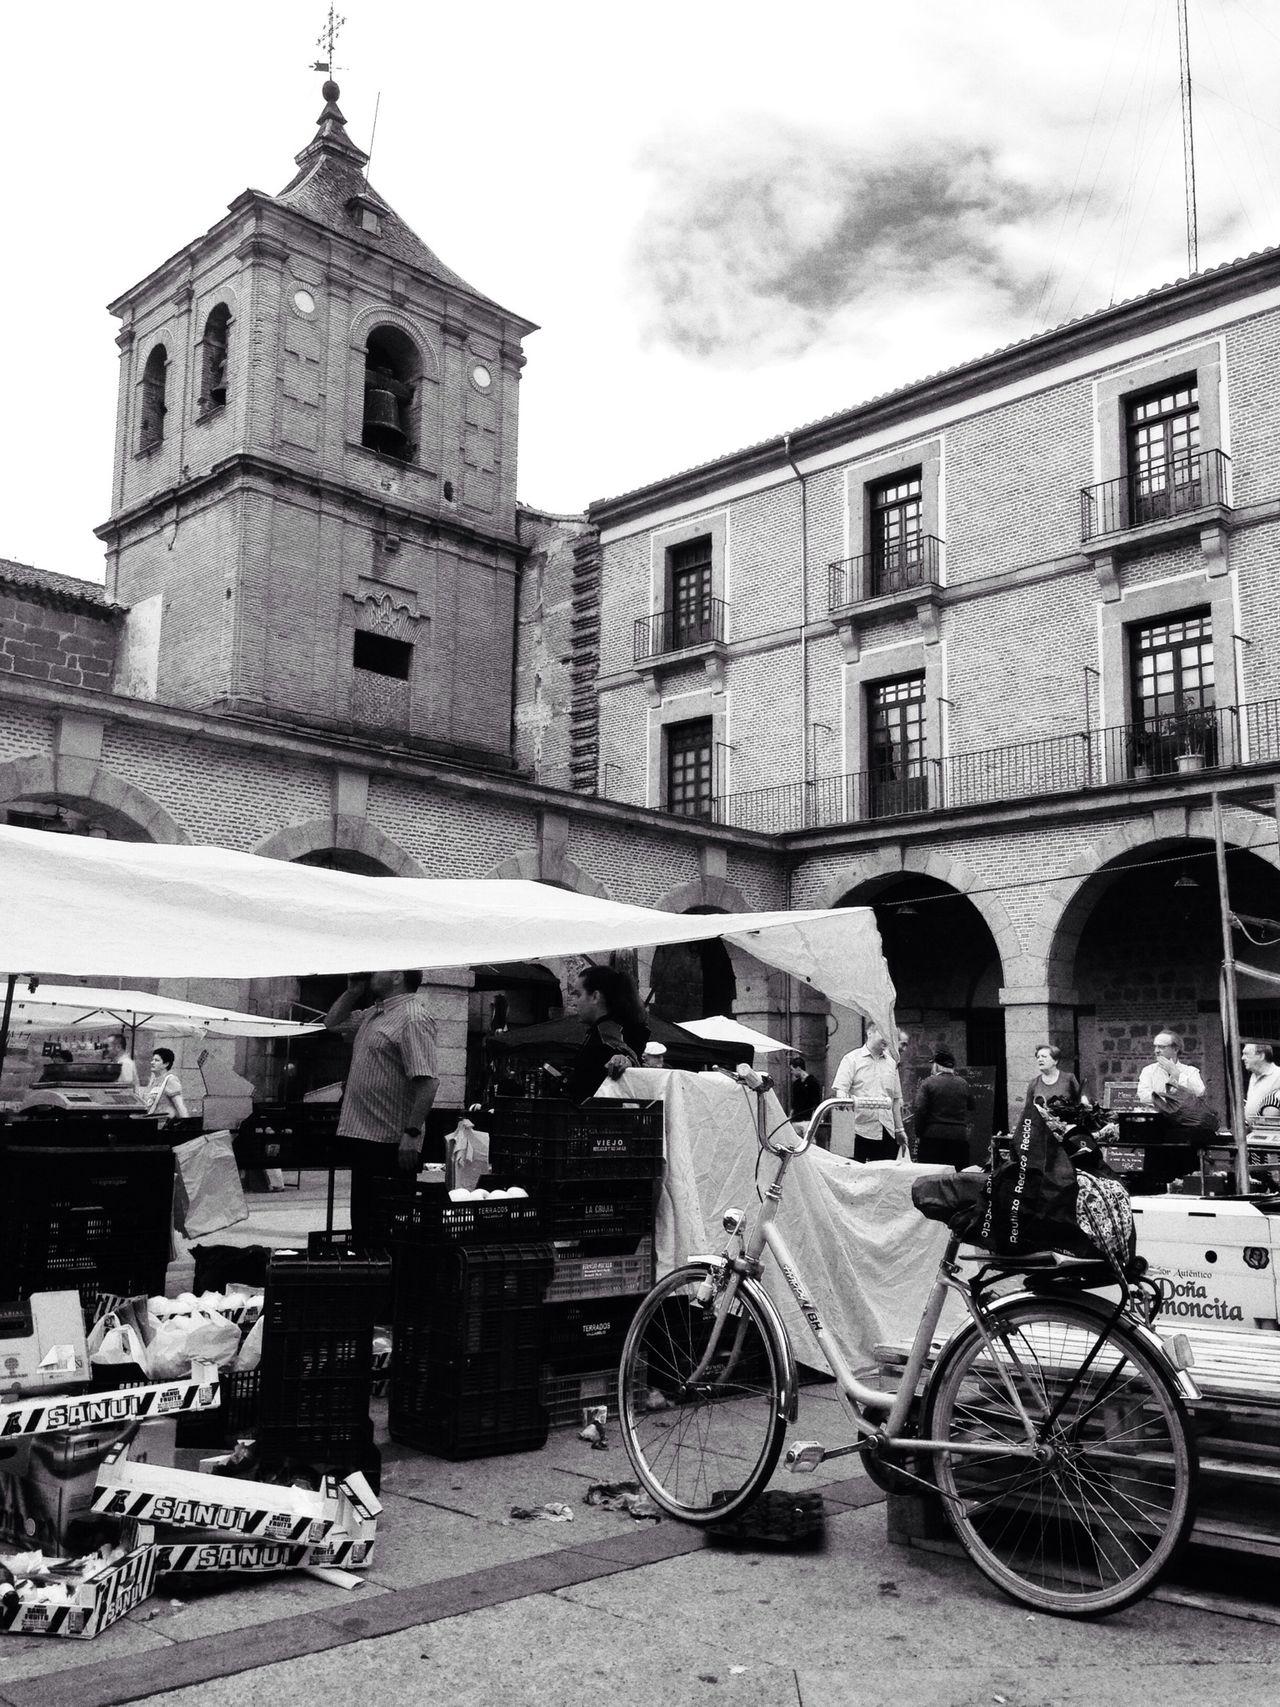 Día de mercado Flaneur Streetphoto_bw Black & White